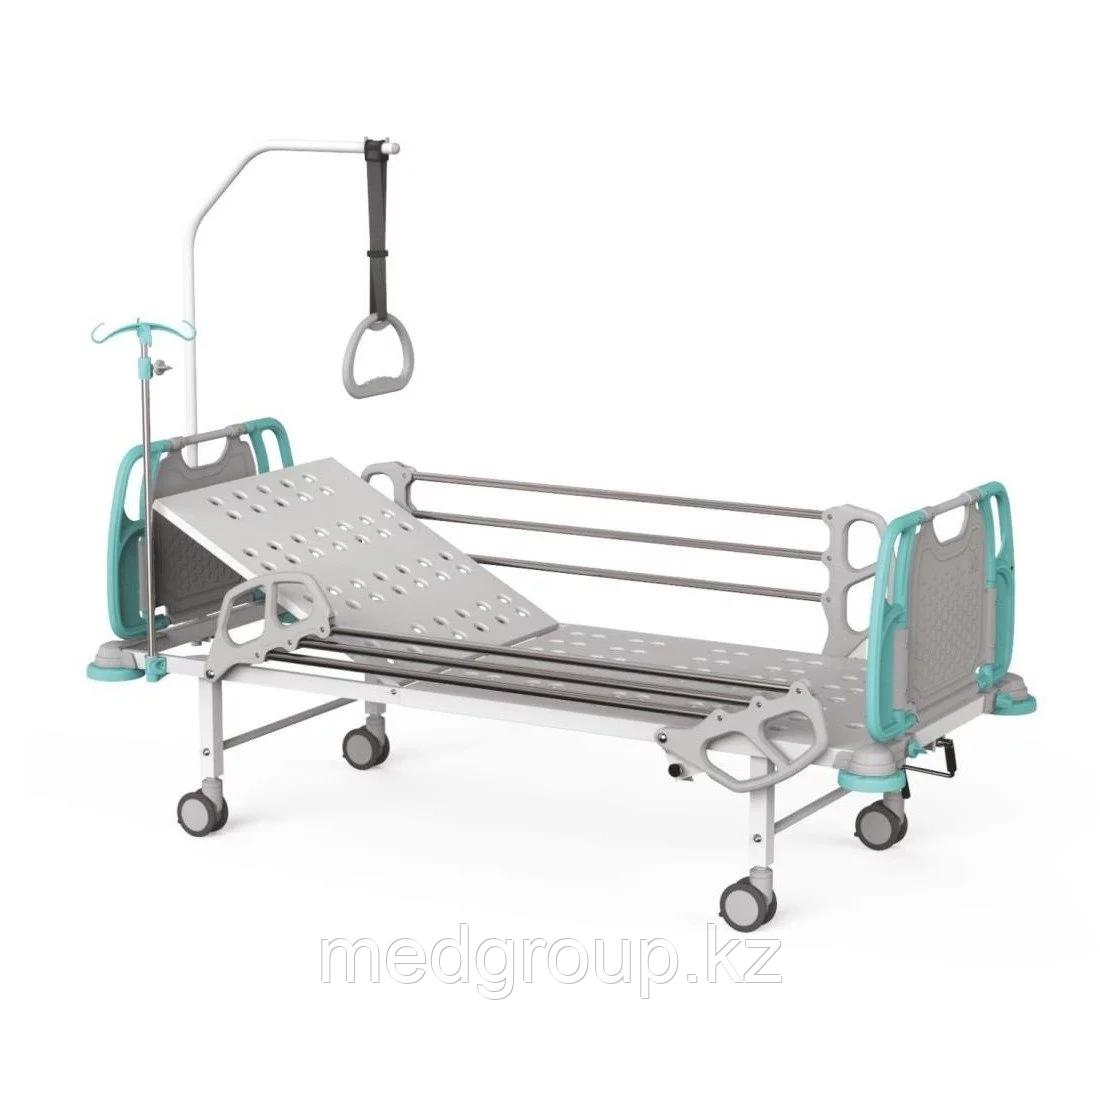 Кровать медицинская LISA LE-3